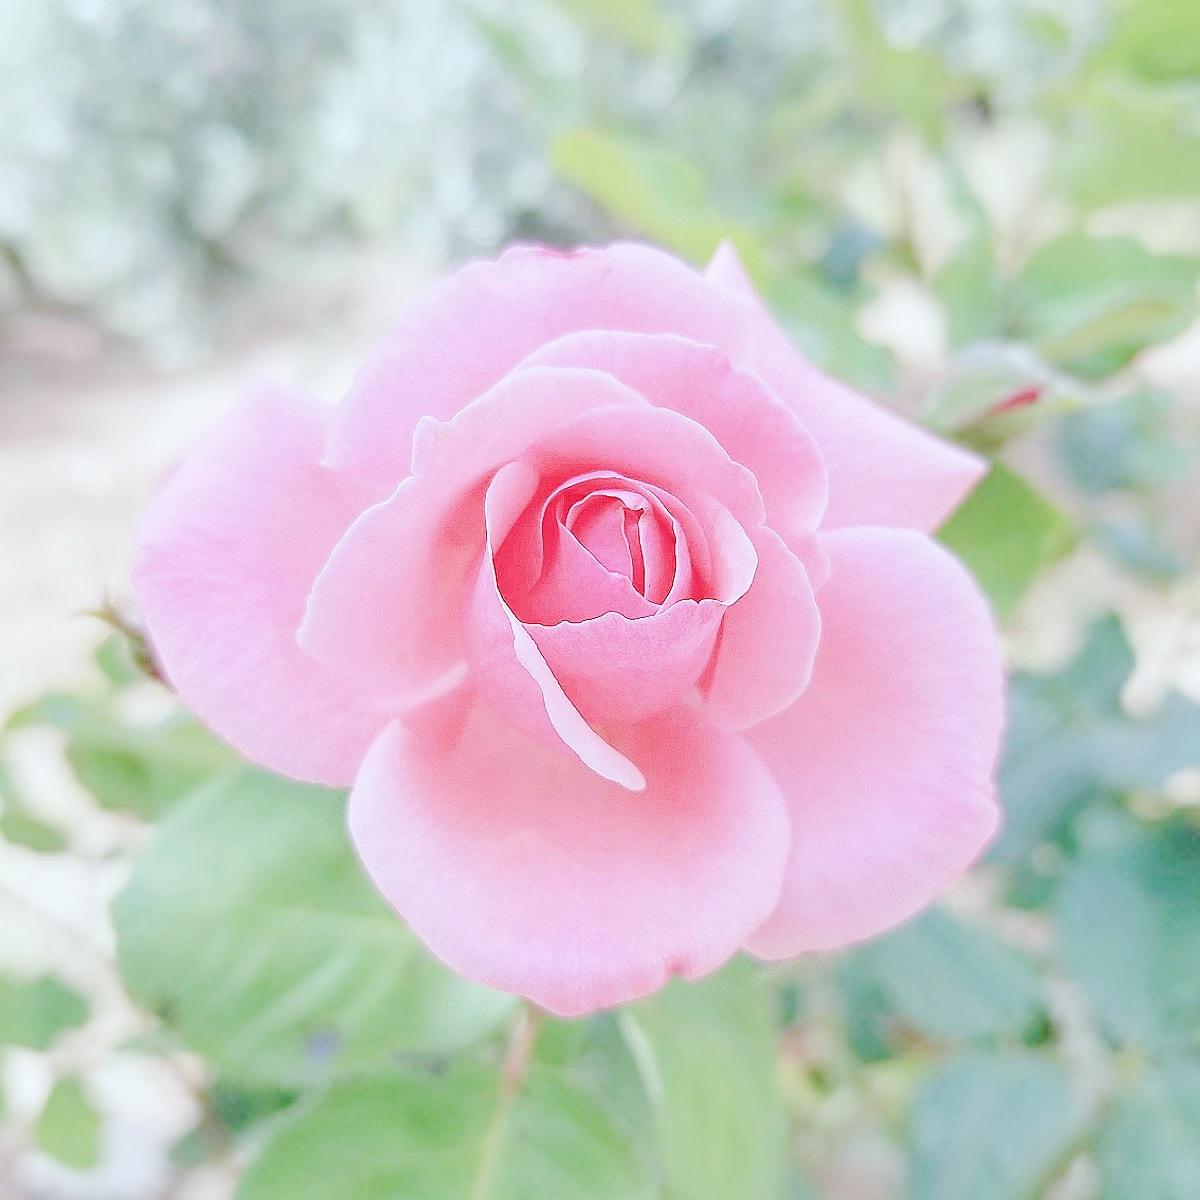 rose by Dita M GC